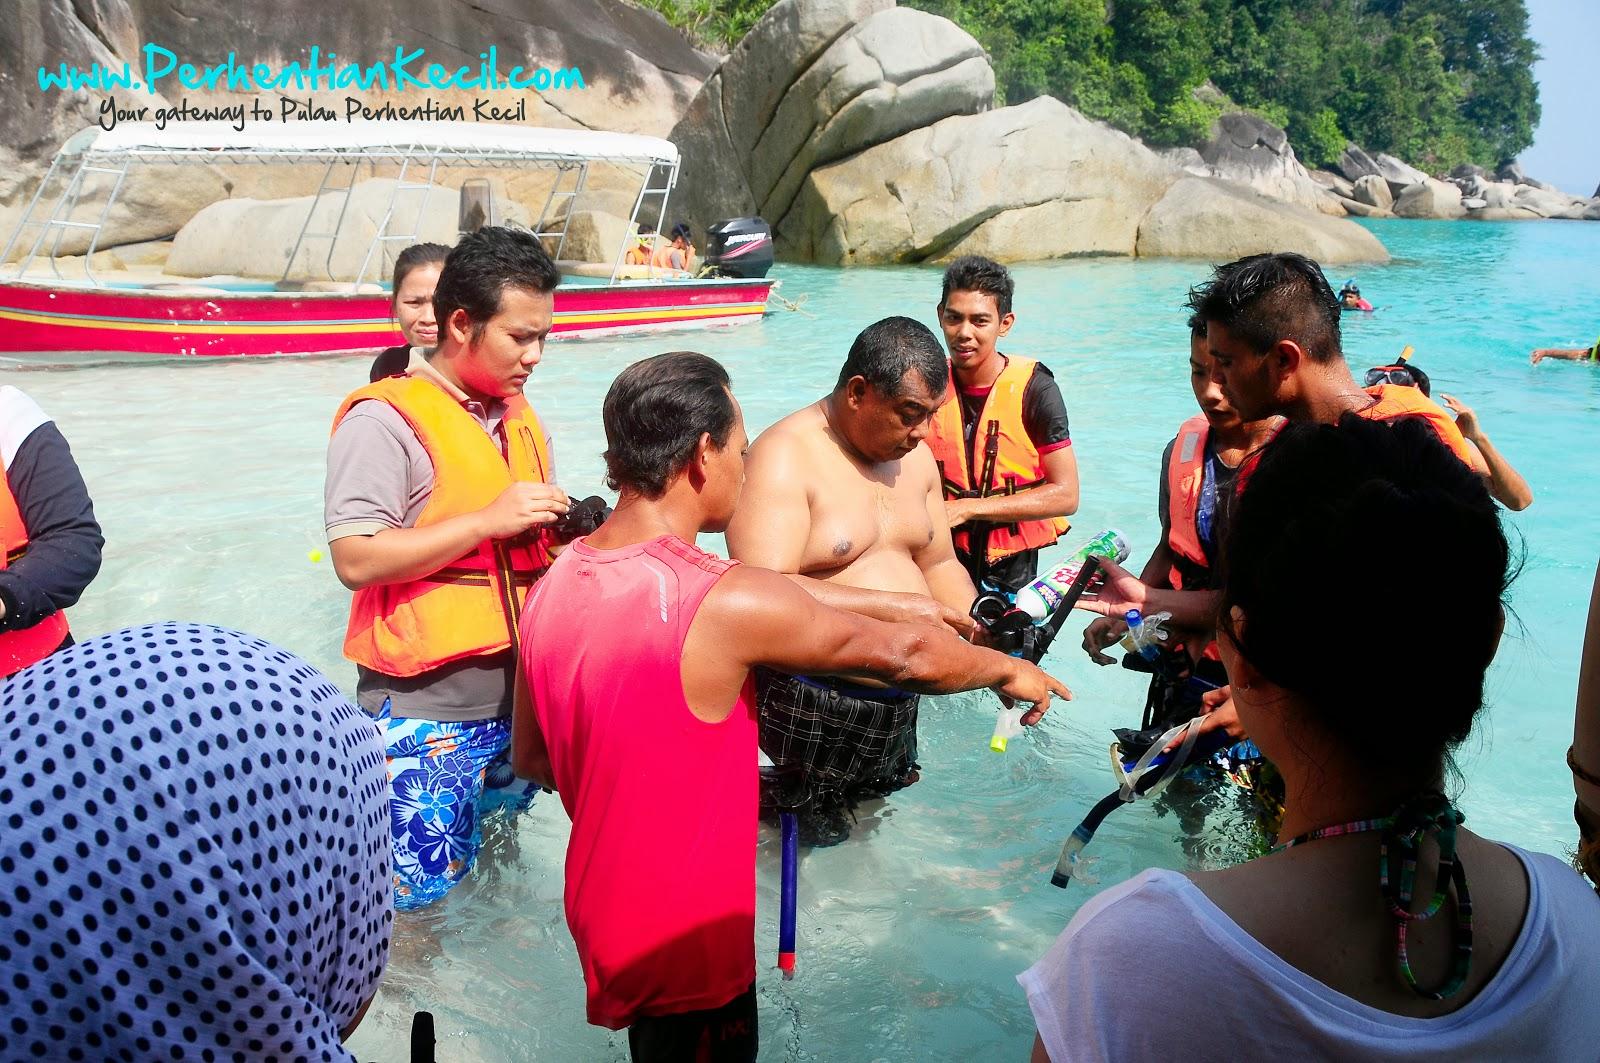 pakej snorkeling pulau perhentian, pakej murah percutian perhentian, pakej bajet pulau perhentian, pakej fullboard pulau perhentian, pakej percutian berkumpulan pulau perhentian, pakej pulau malaysia